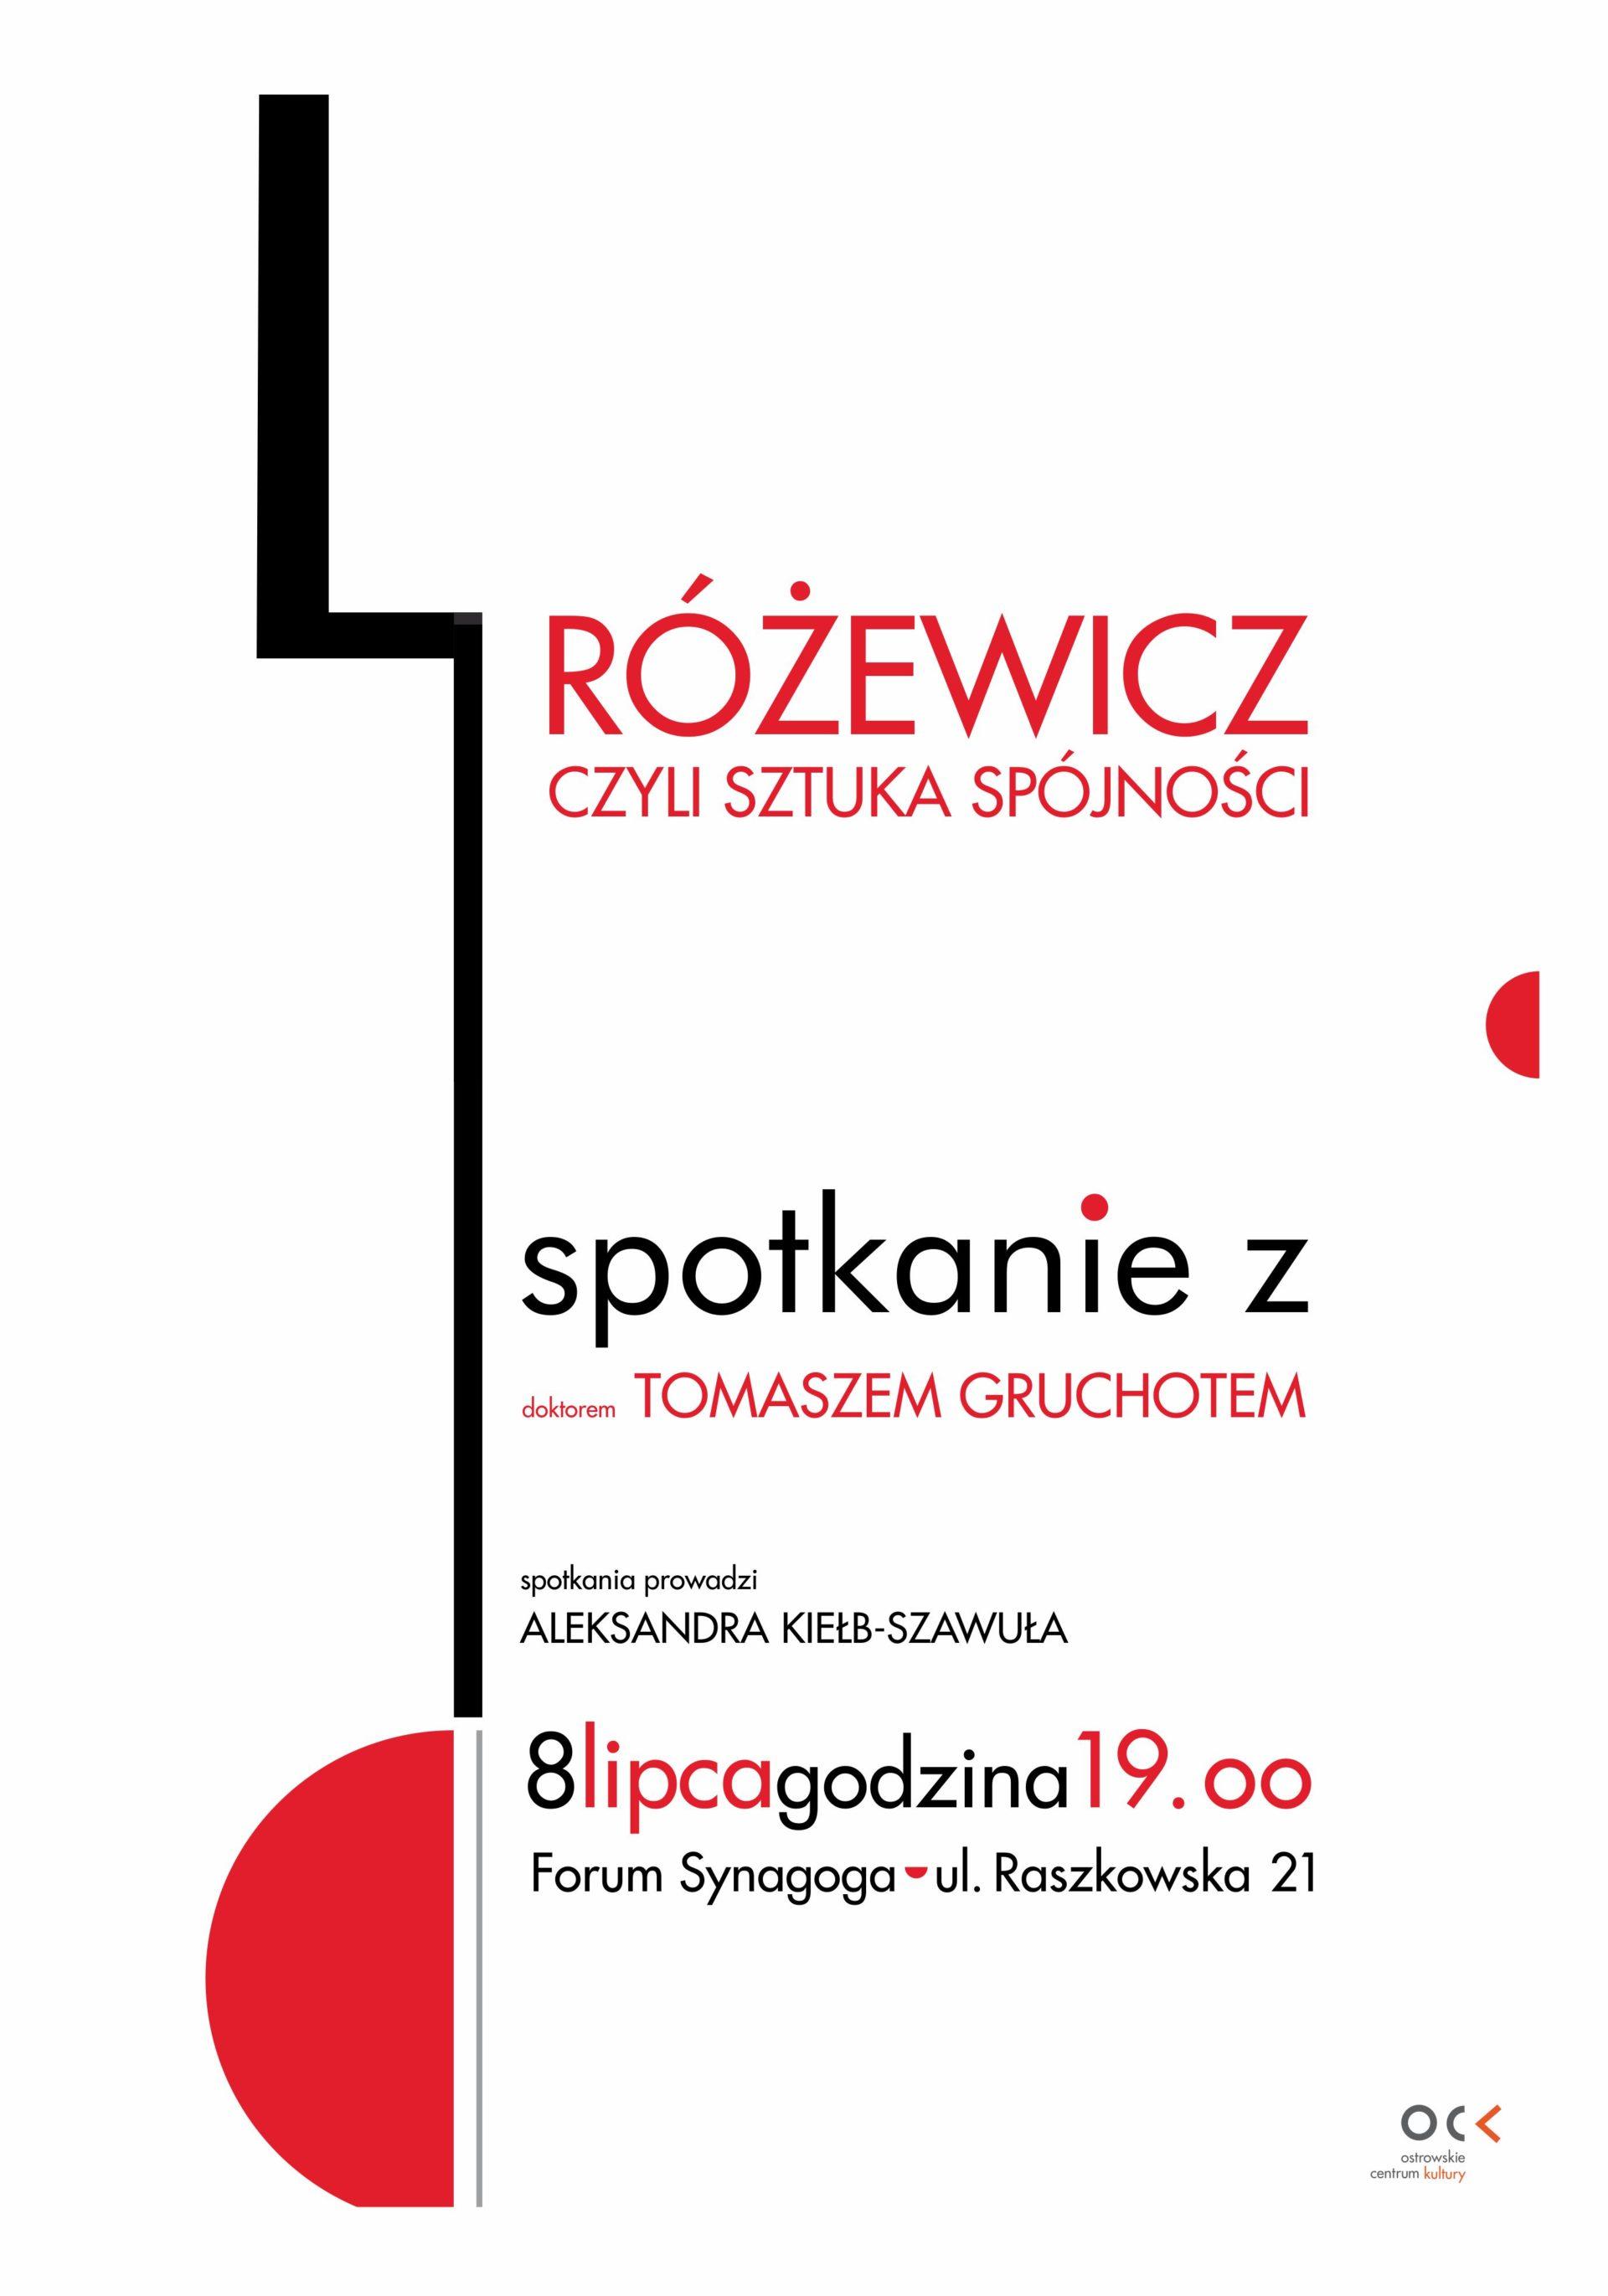 LITERATURA… | Różewicz, czyli sztuka spójności